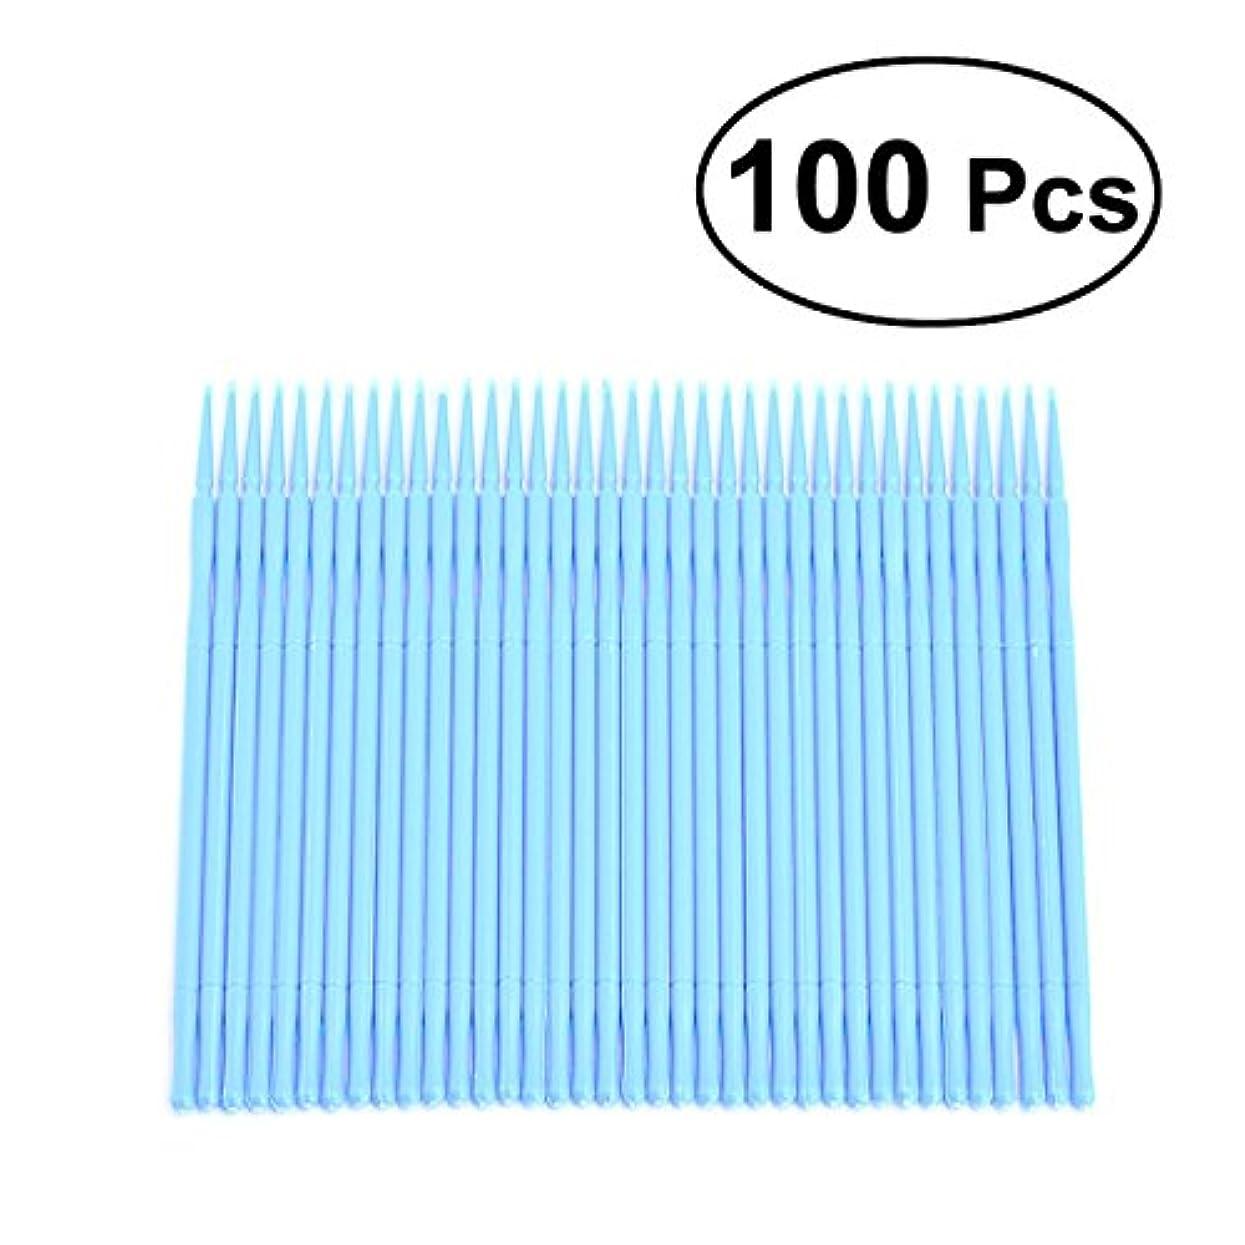 一貫性のない細心の強風ROSENICE コットンスワブ100個使い捨てアプリケーターブラシまつげエクステンションまつげブラシ(スカイブルー)